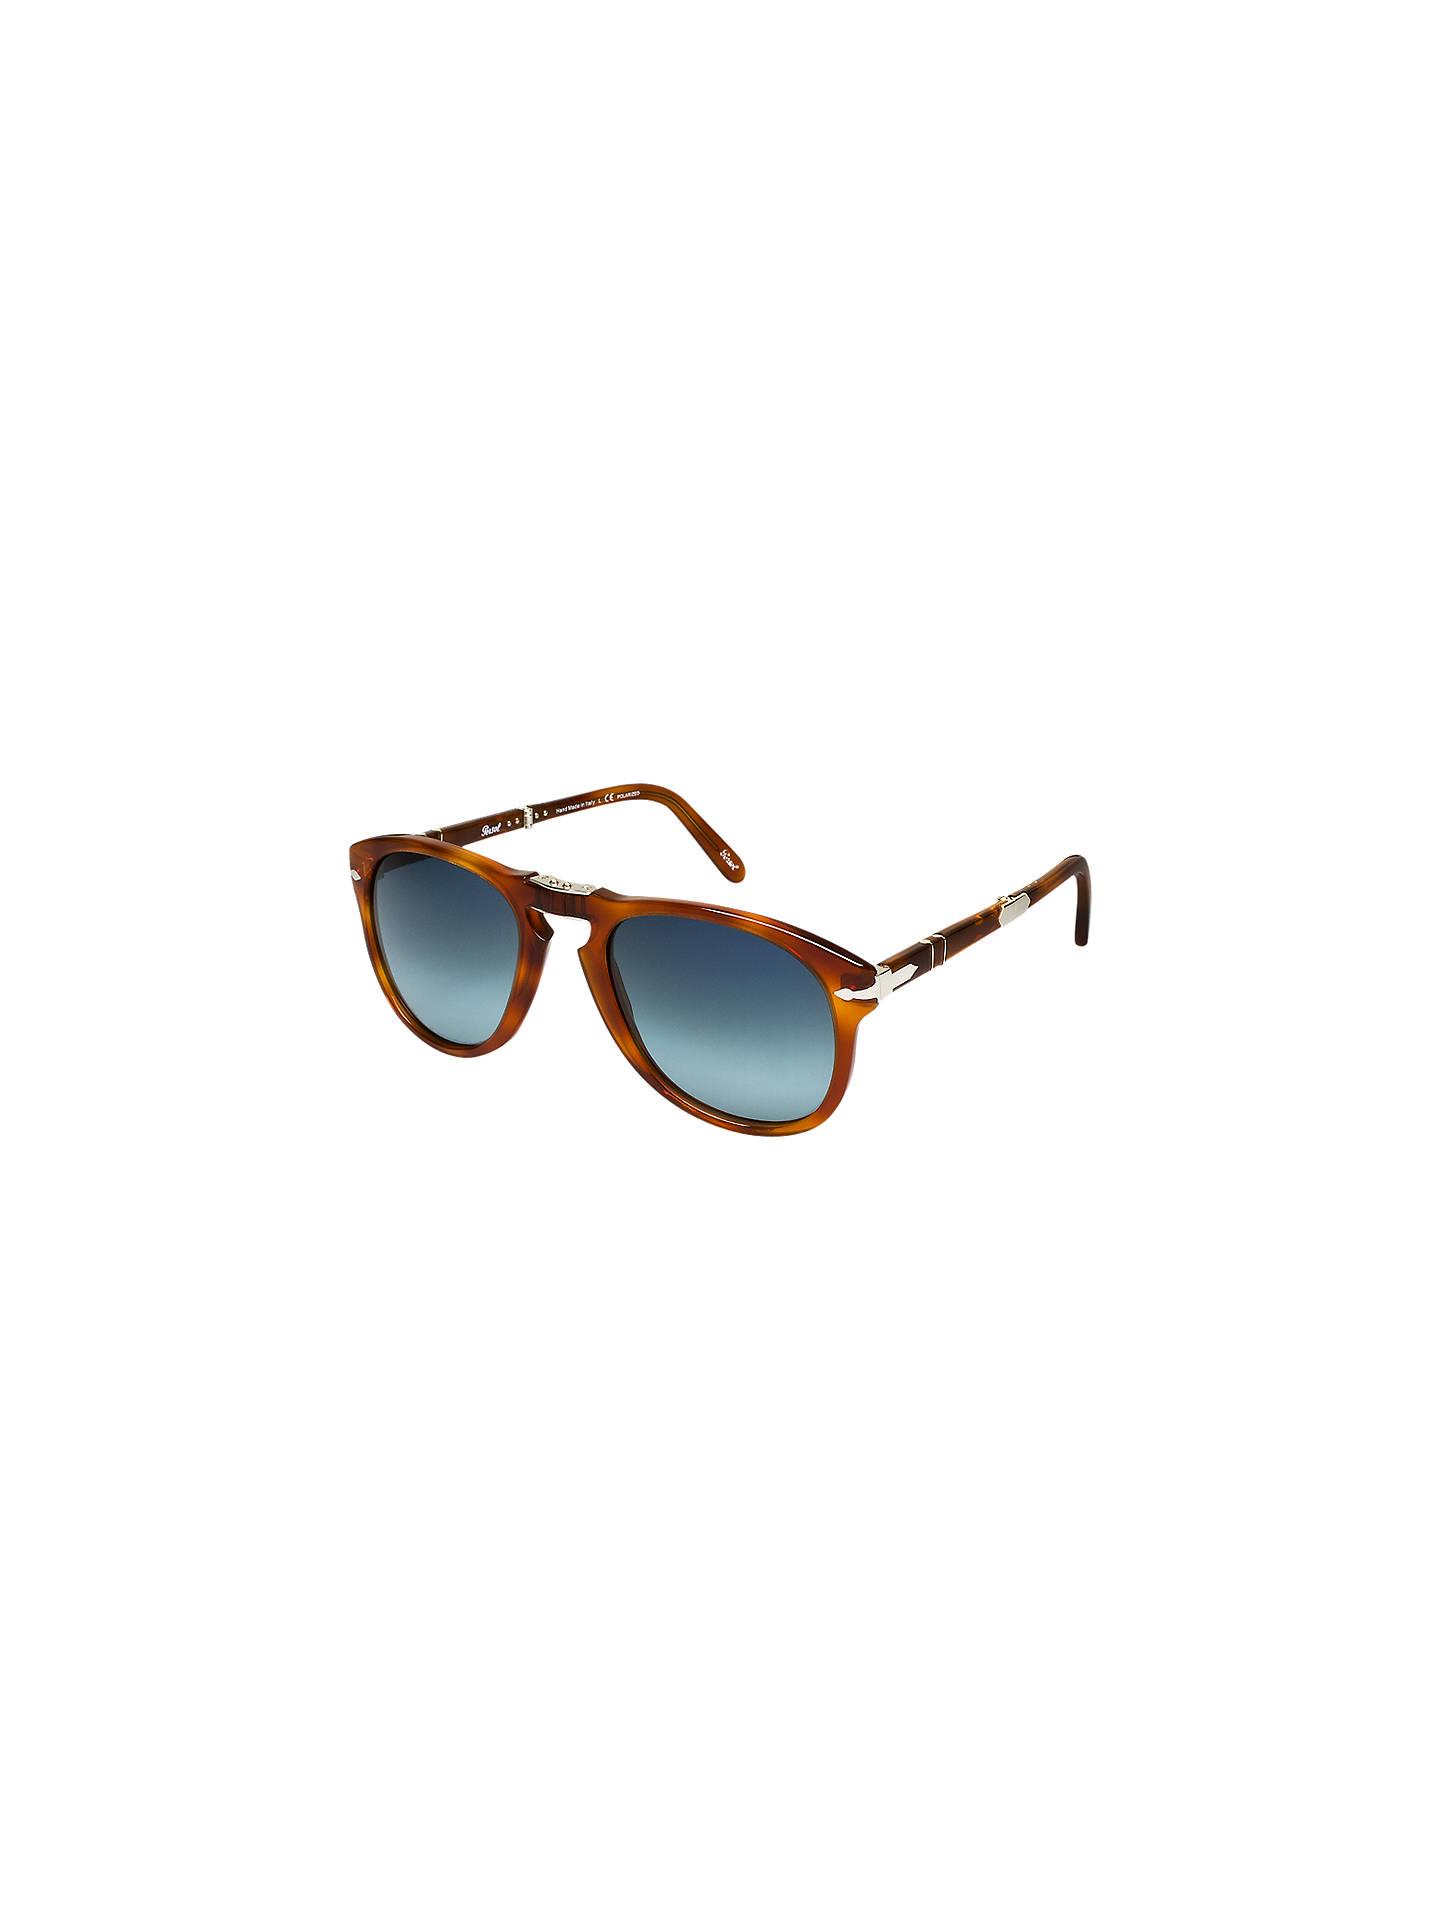 Po714sm Havana Suprema Folding Polarised SunglassesLight Persol 96s3 uOPkiTXZ